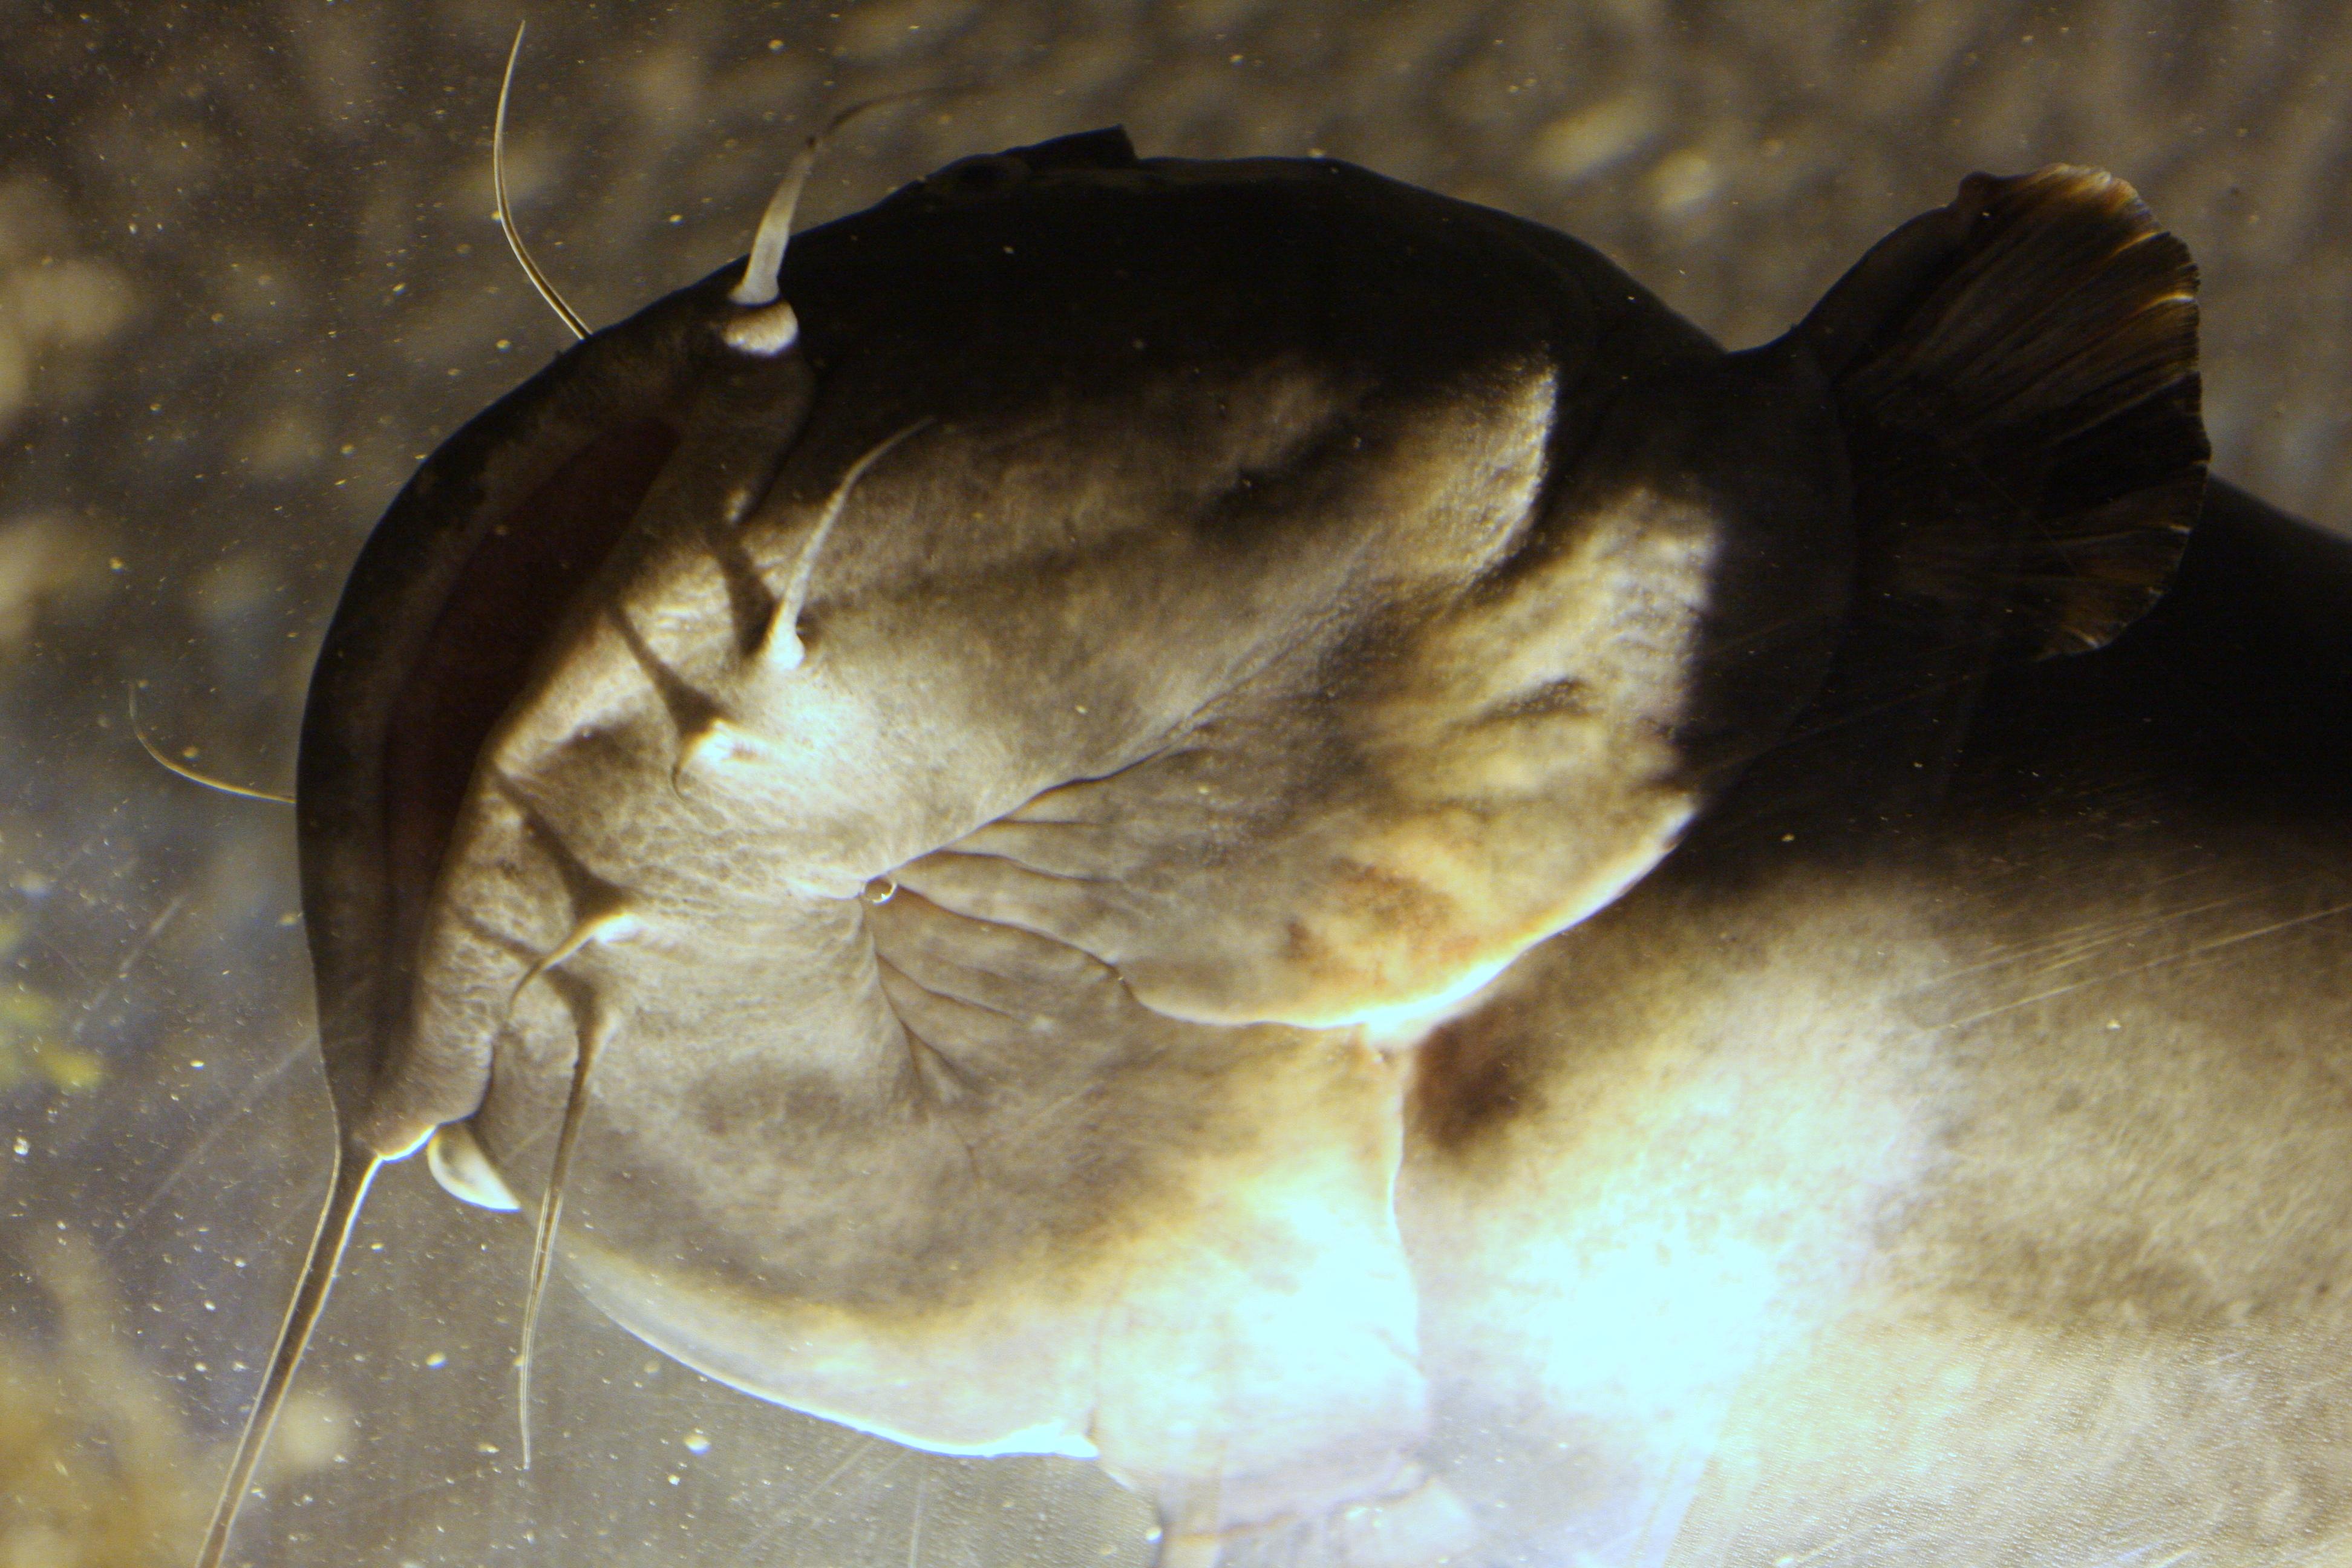 Atlanta Aquarium, Aquarium, Catfish, Fish, Ocean, HQ Photo